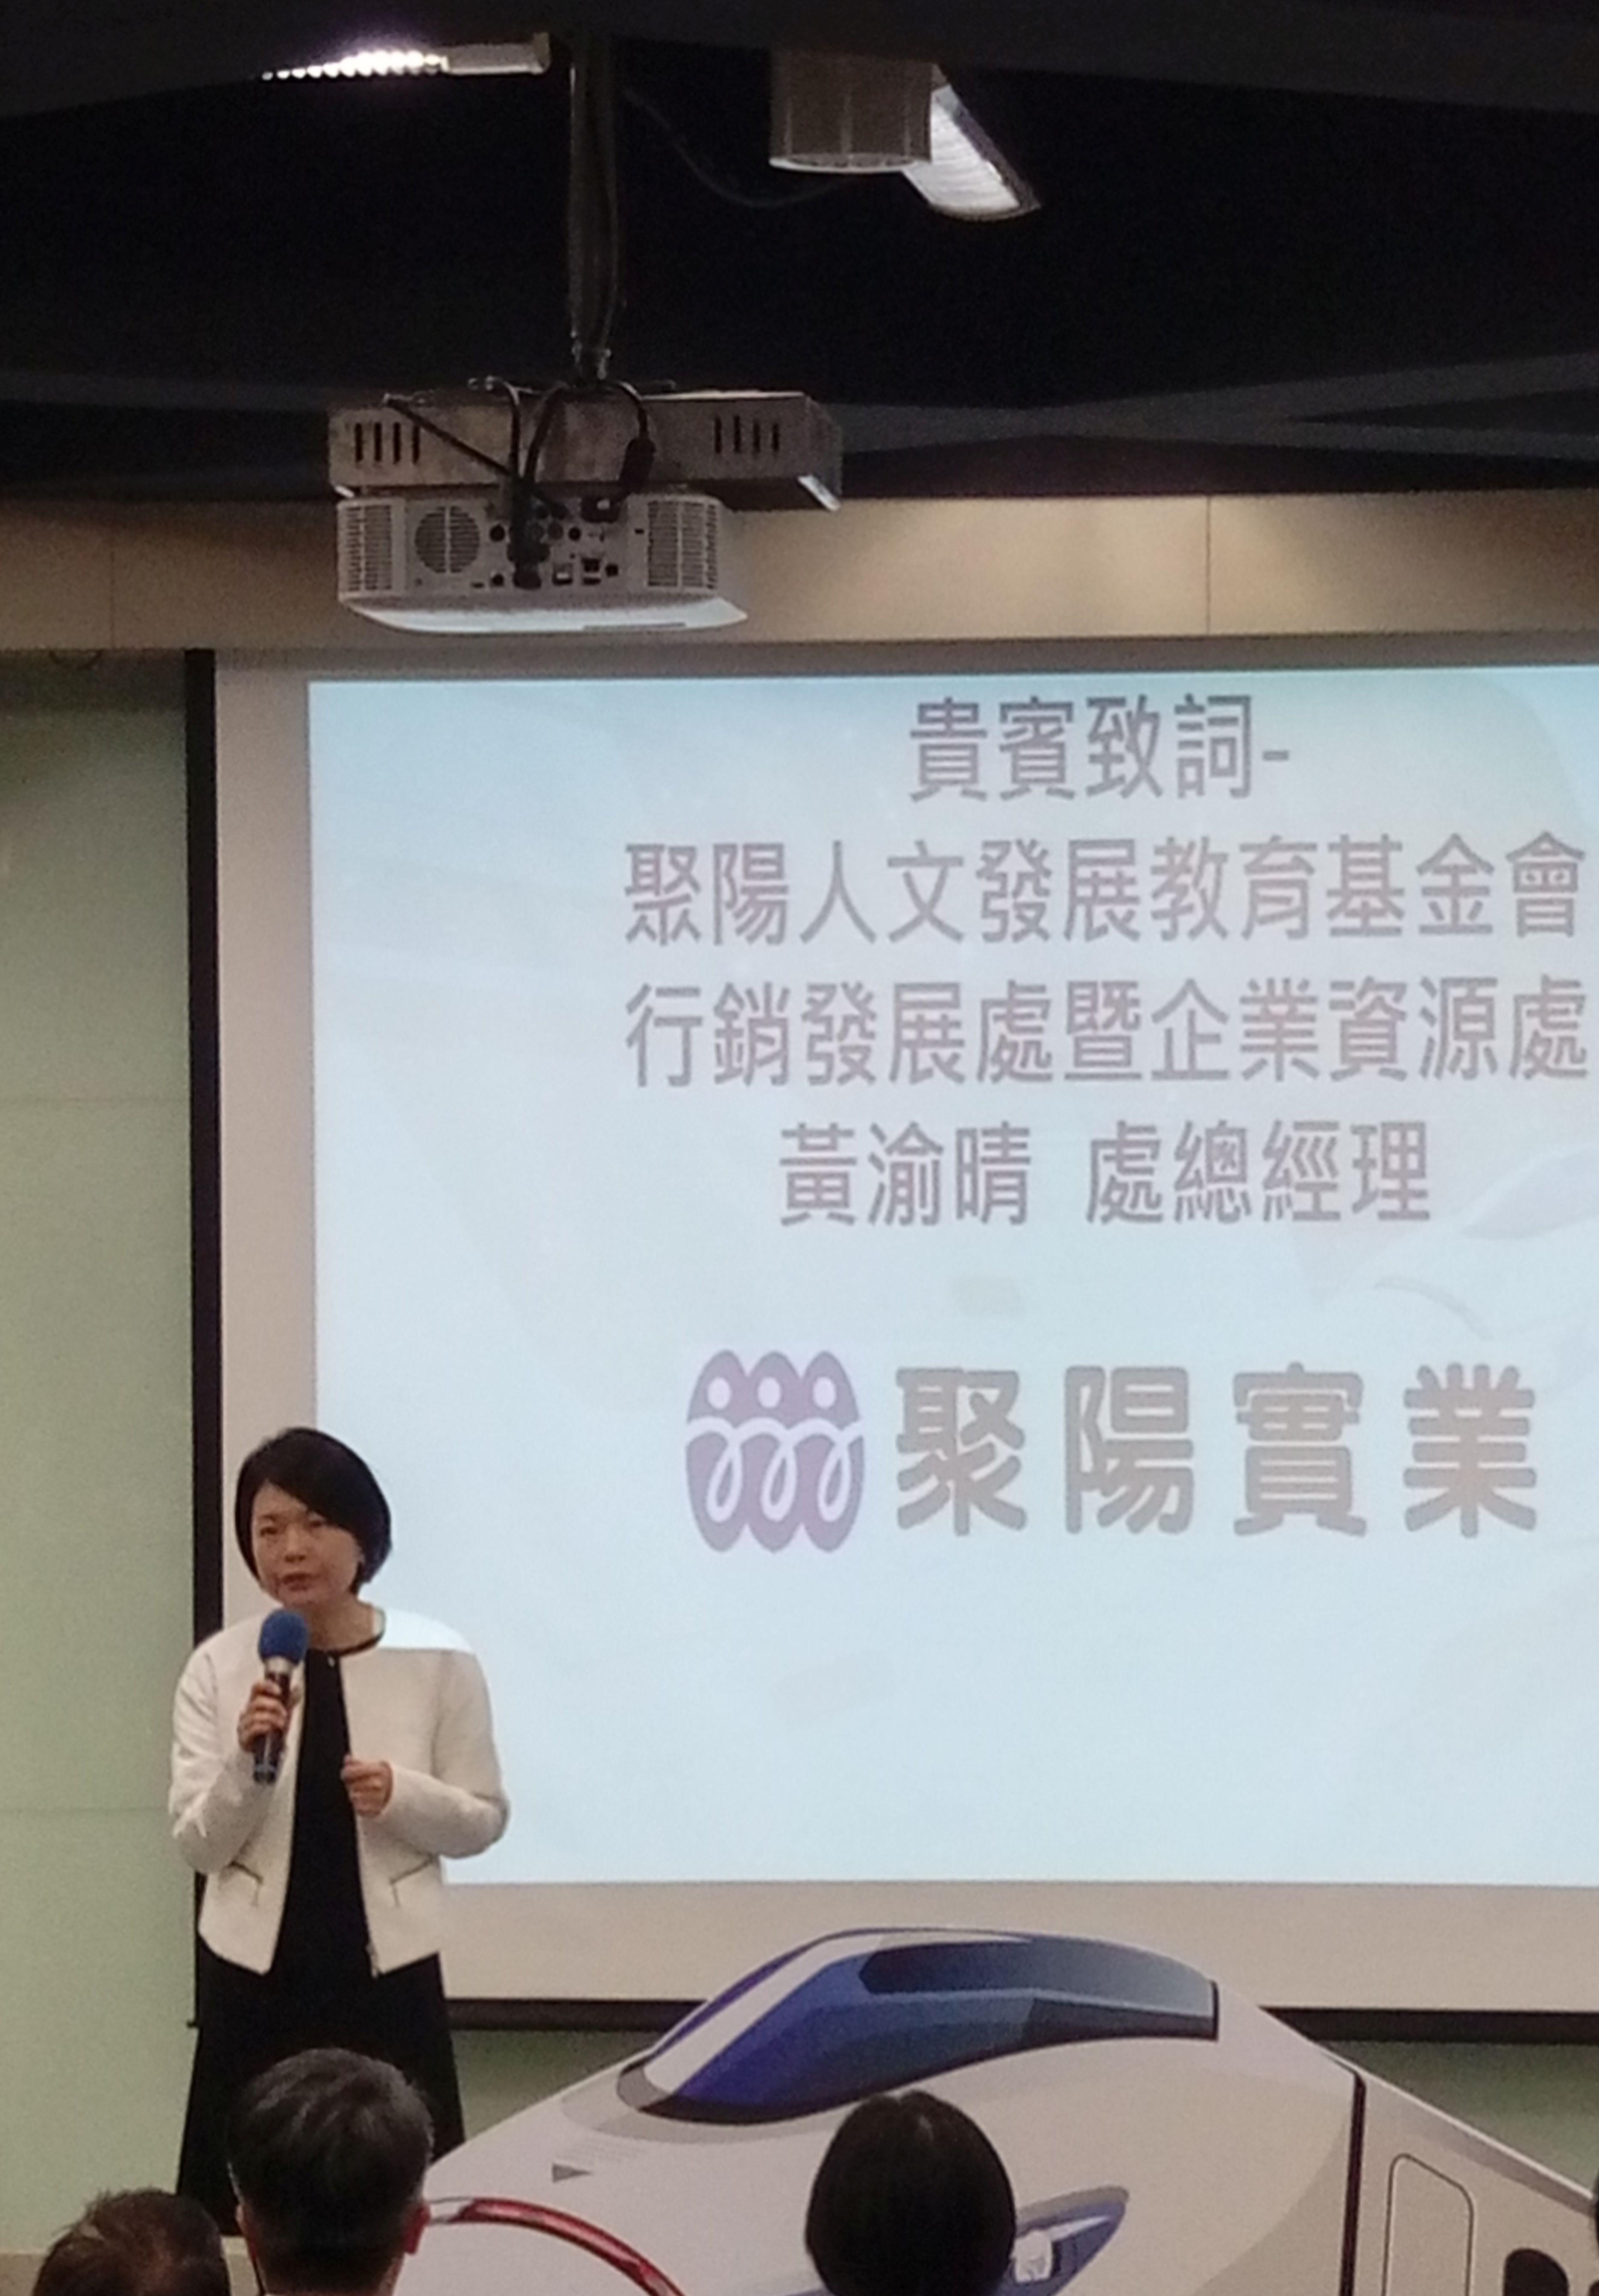 聚陽實業處總經理黃渝晴祝福結訓學員生「我相信你們的未來一定很棒」!